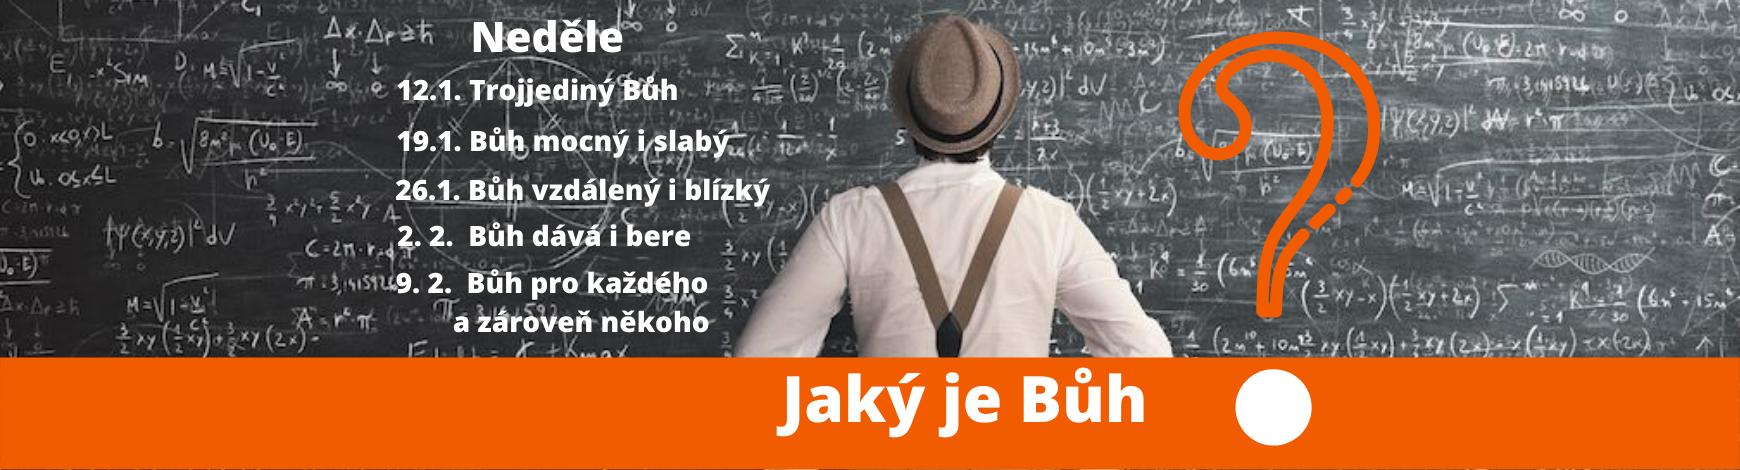 slajdr_jakyjebuh